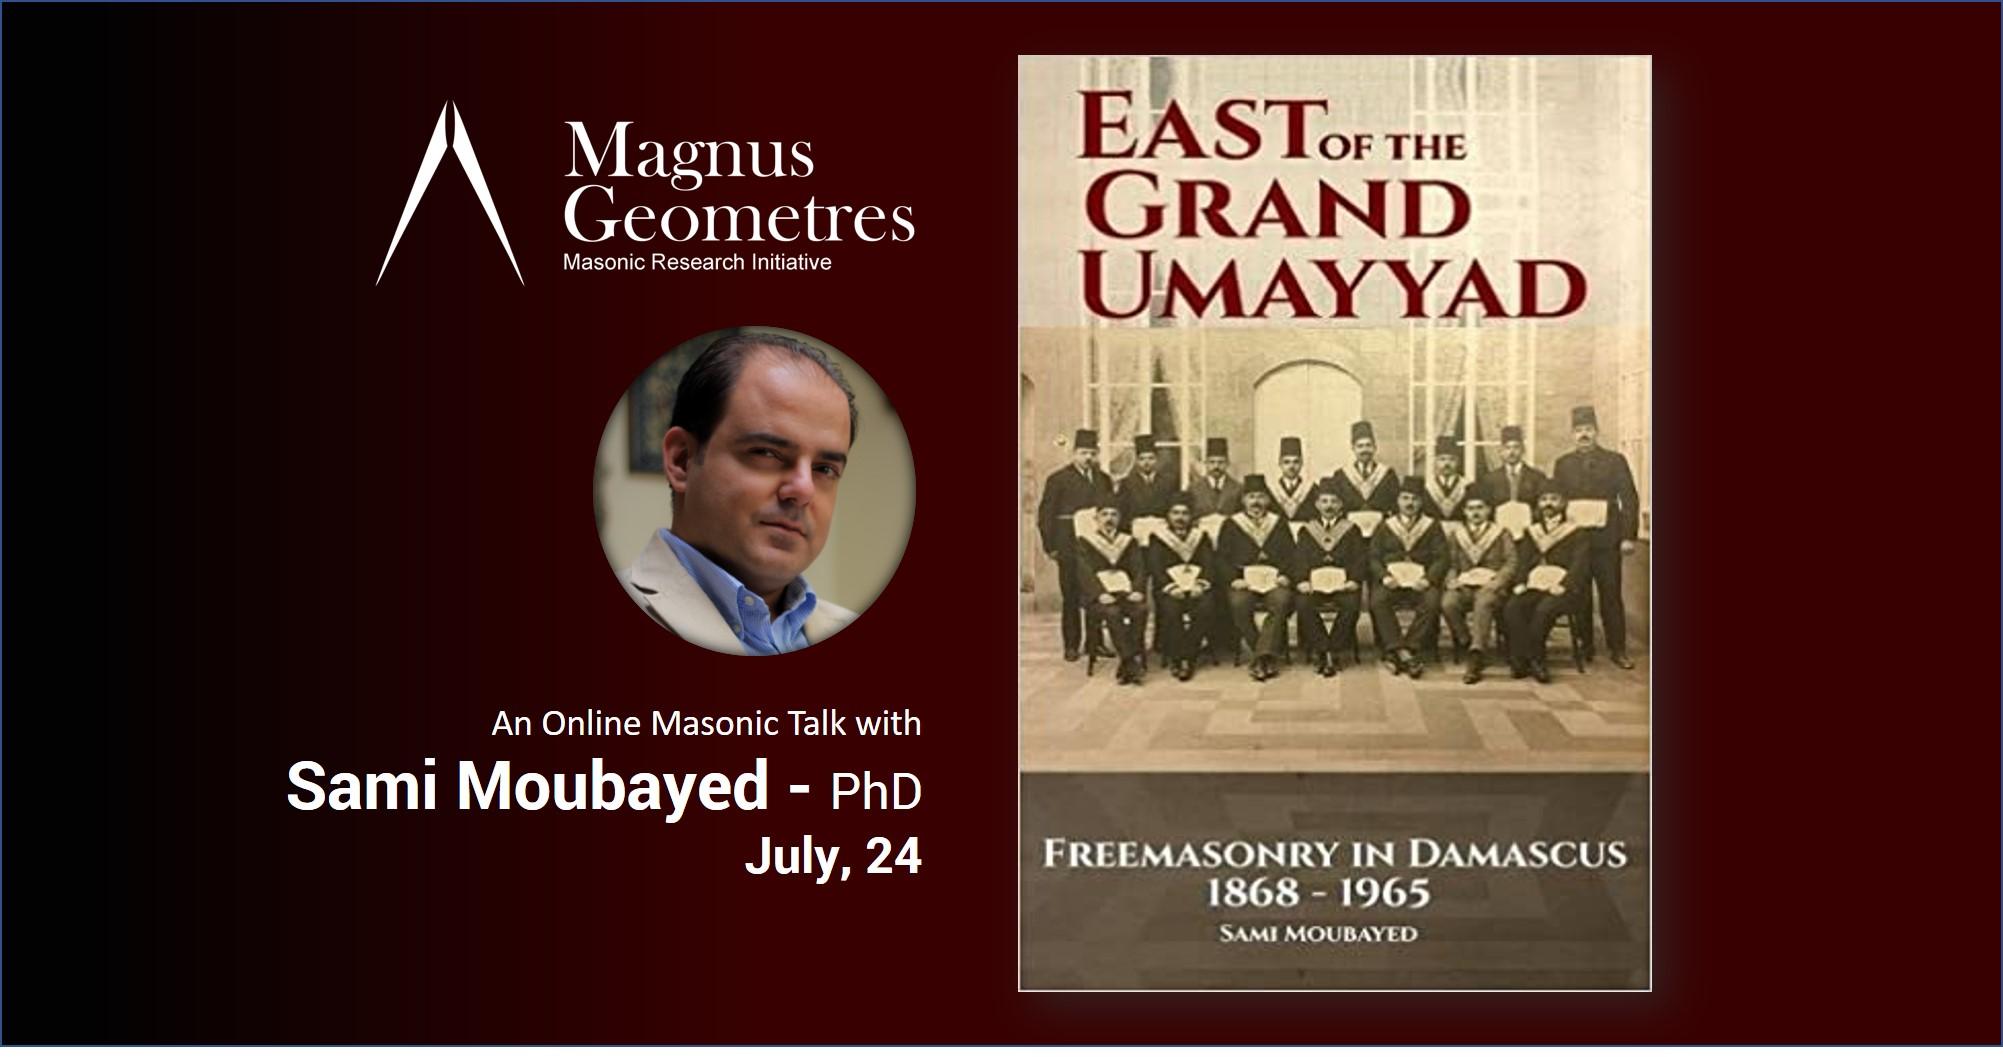 Sami Moubayed The East of the Grand Umayyad